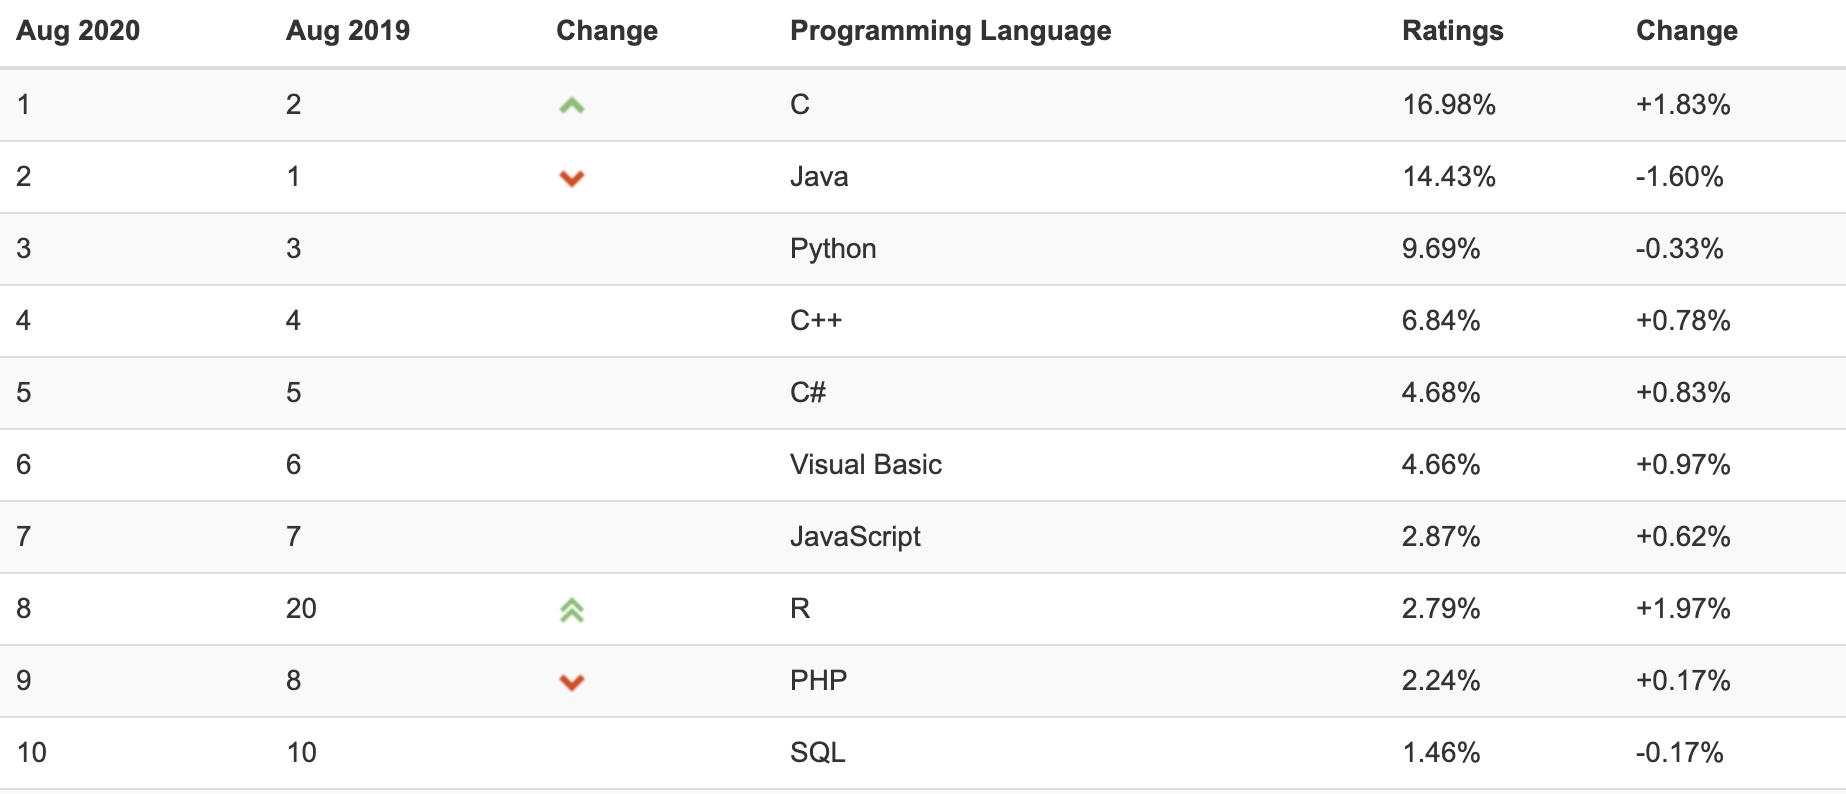 """Таблица рейтинга языков программирования <a href=""""https://www.tiobe.com/tiobe-index/"""" target=""""_blank"""" rel=""""noopener noreferrer nofollow"""">TIOBE 2020 г.</a>"""